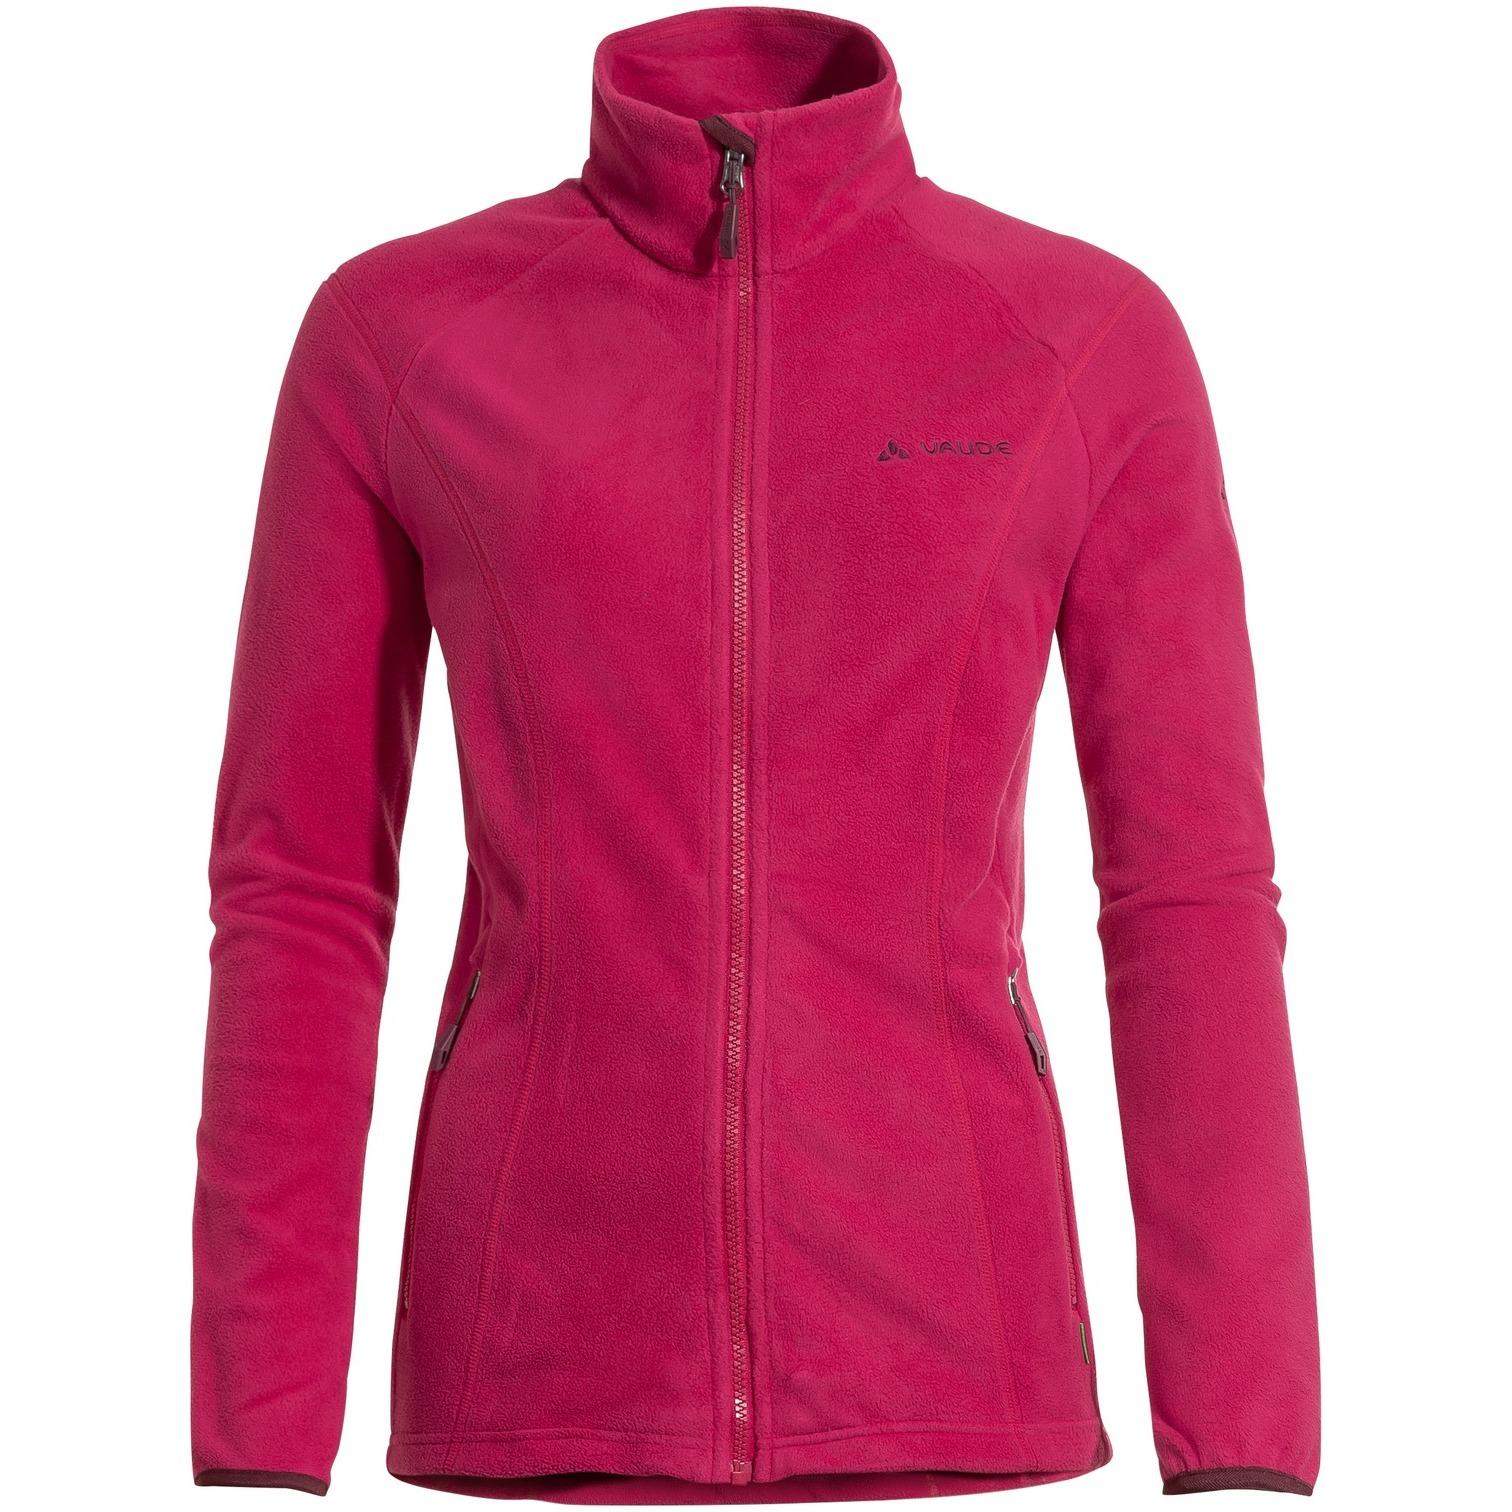 Image of Vaude Women's Rosemoor Fleece Jacket - crimson red